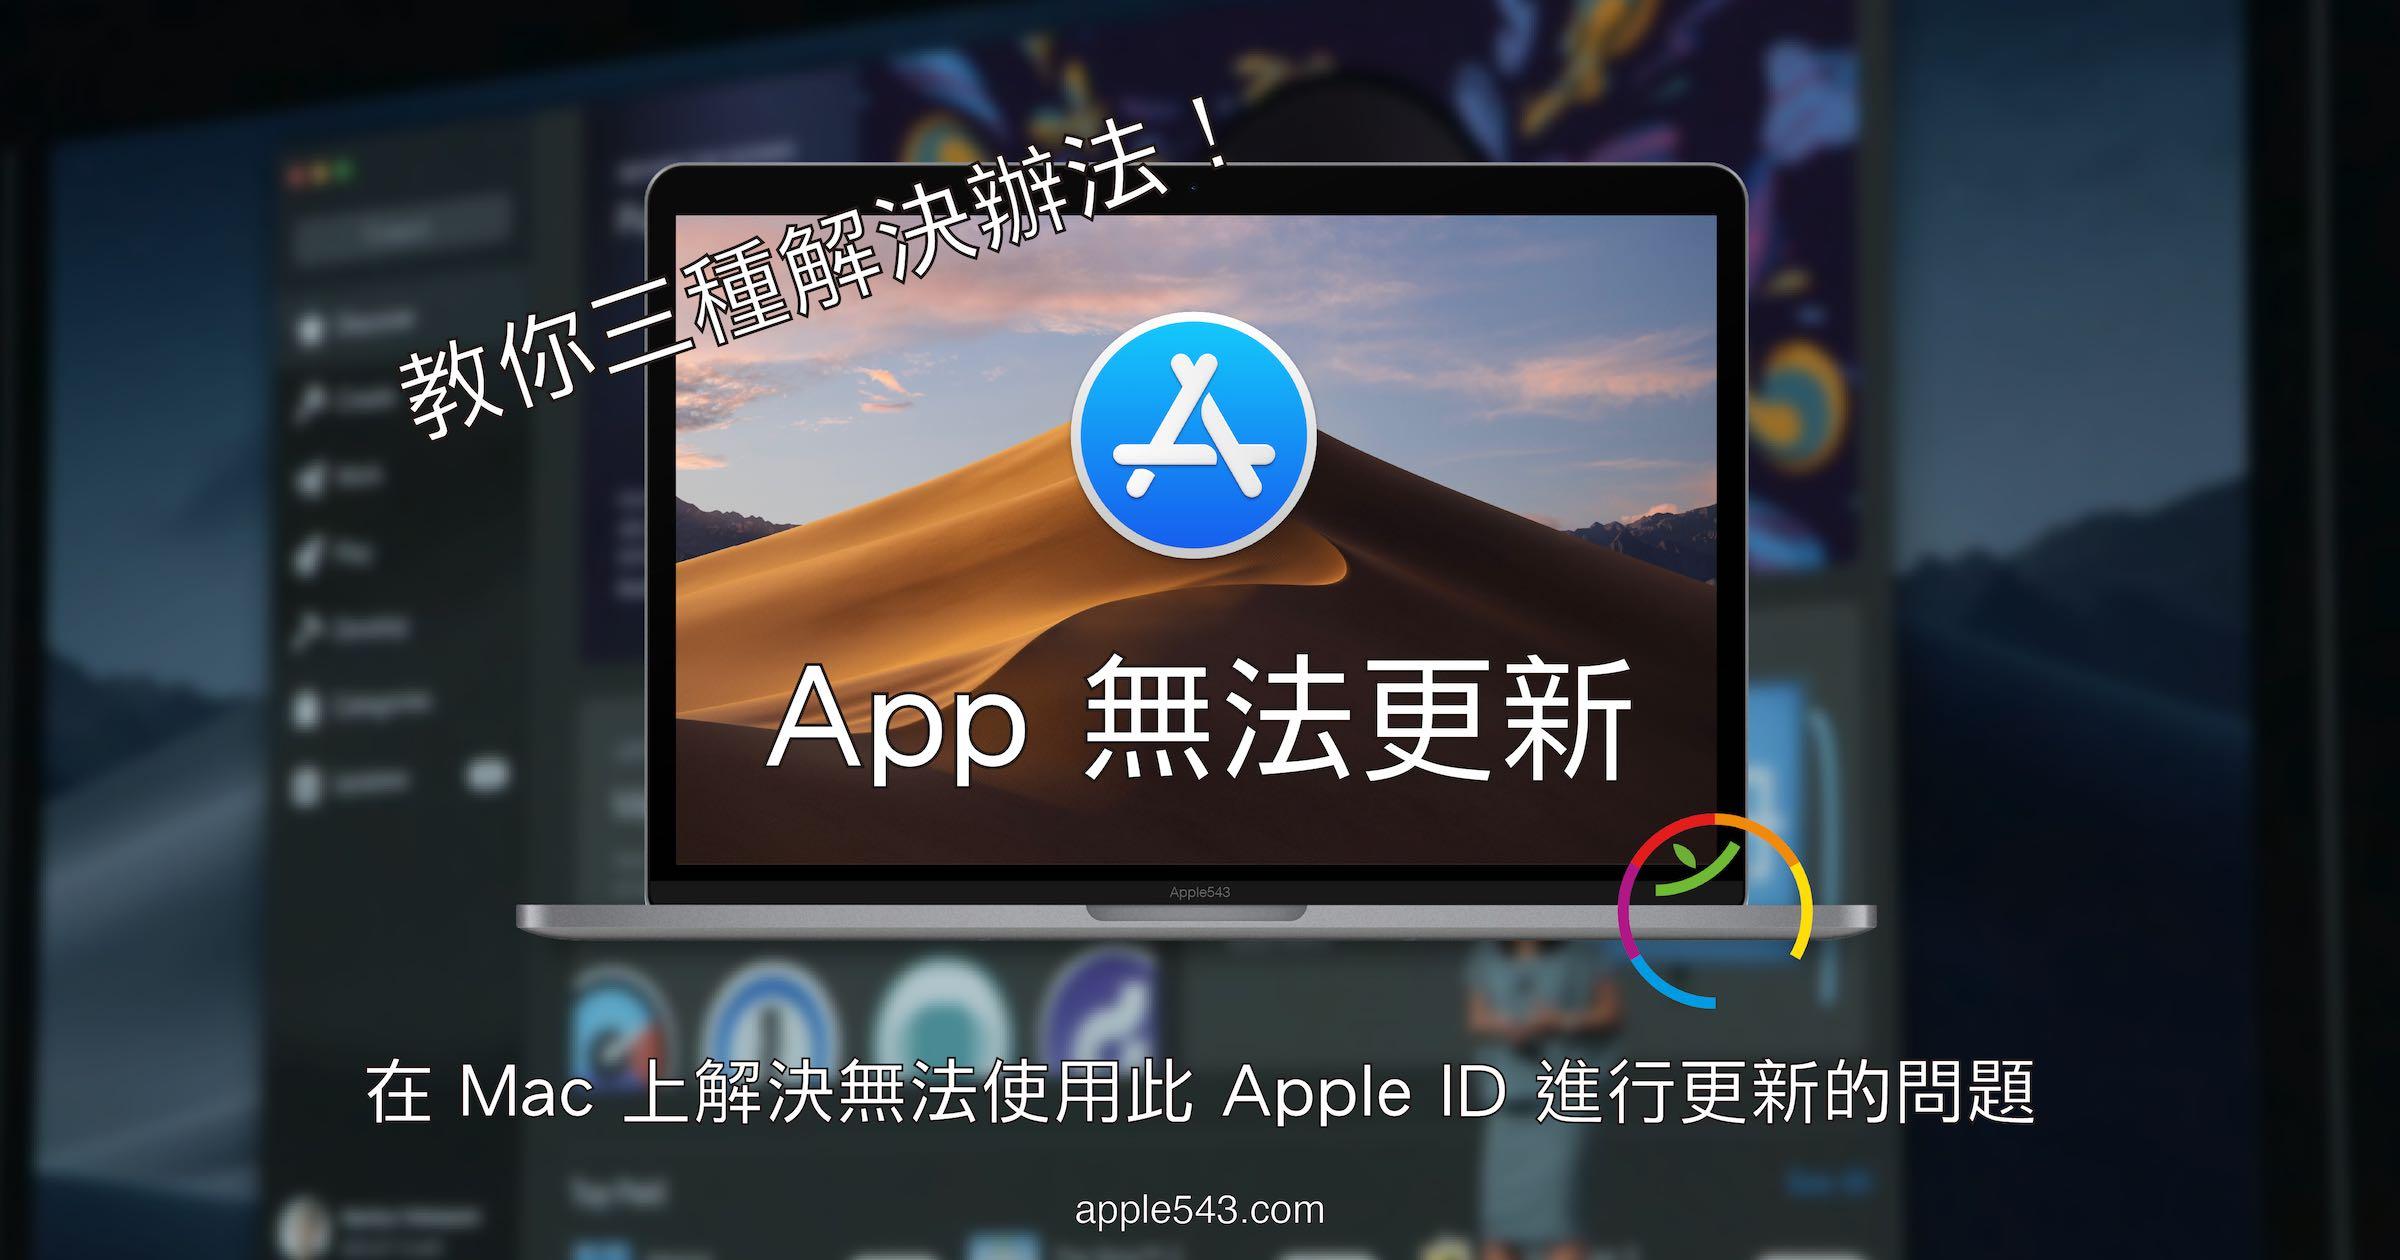 無法使用此 Apple ID 進行更新